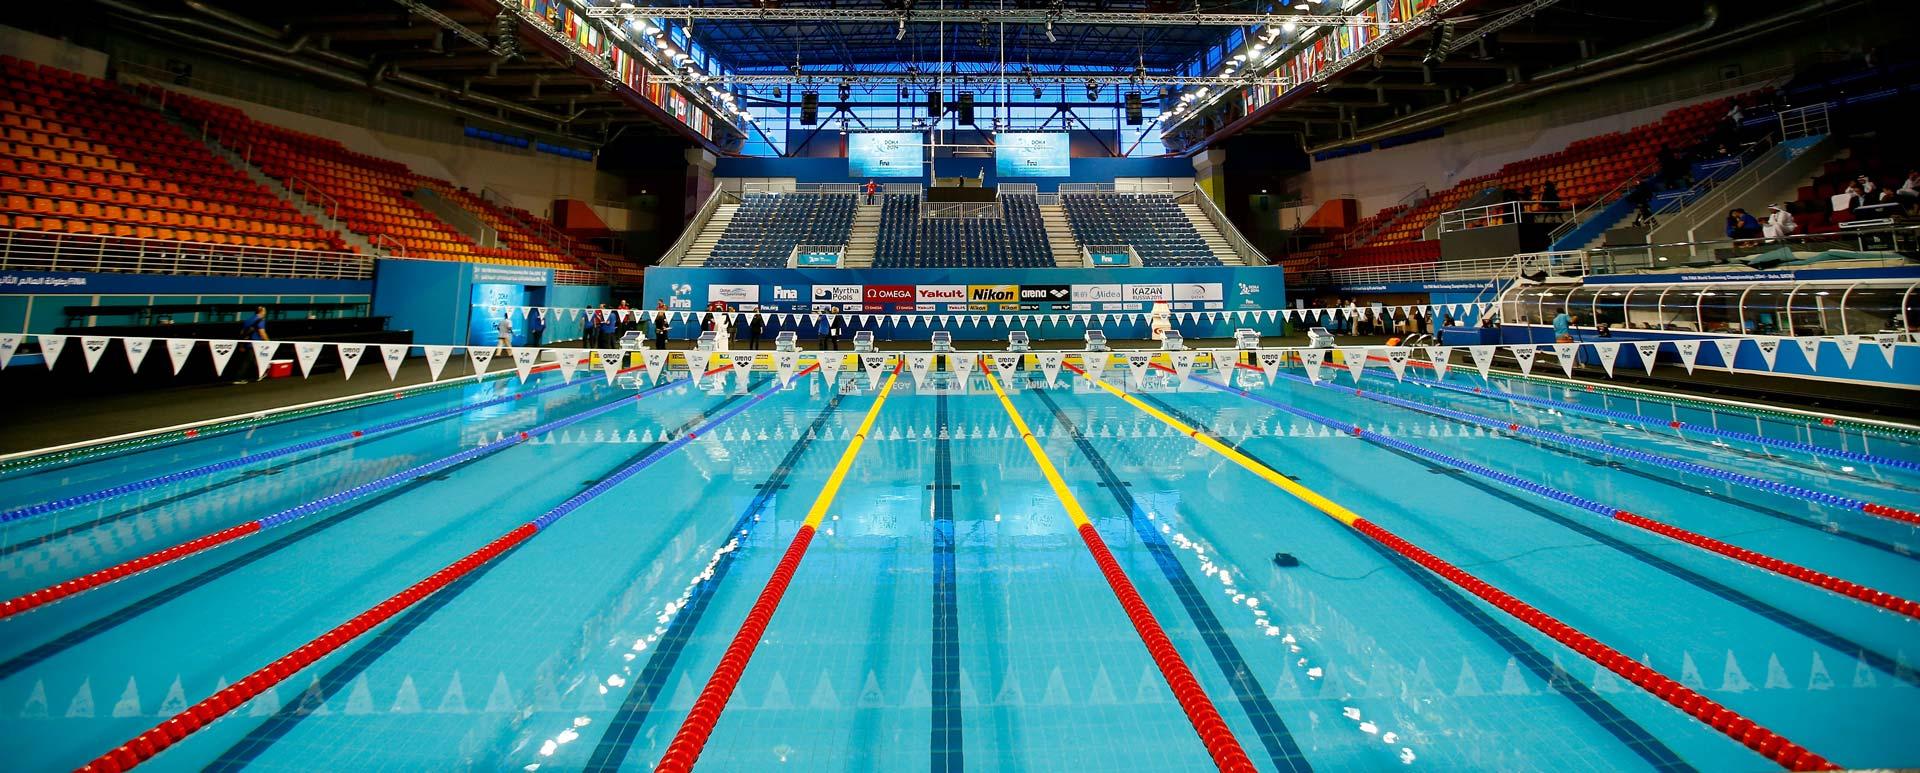 Sveučilište Essex planira izgradnju najdubljeg bazena na svijetu